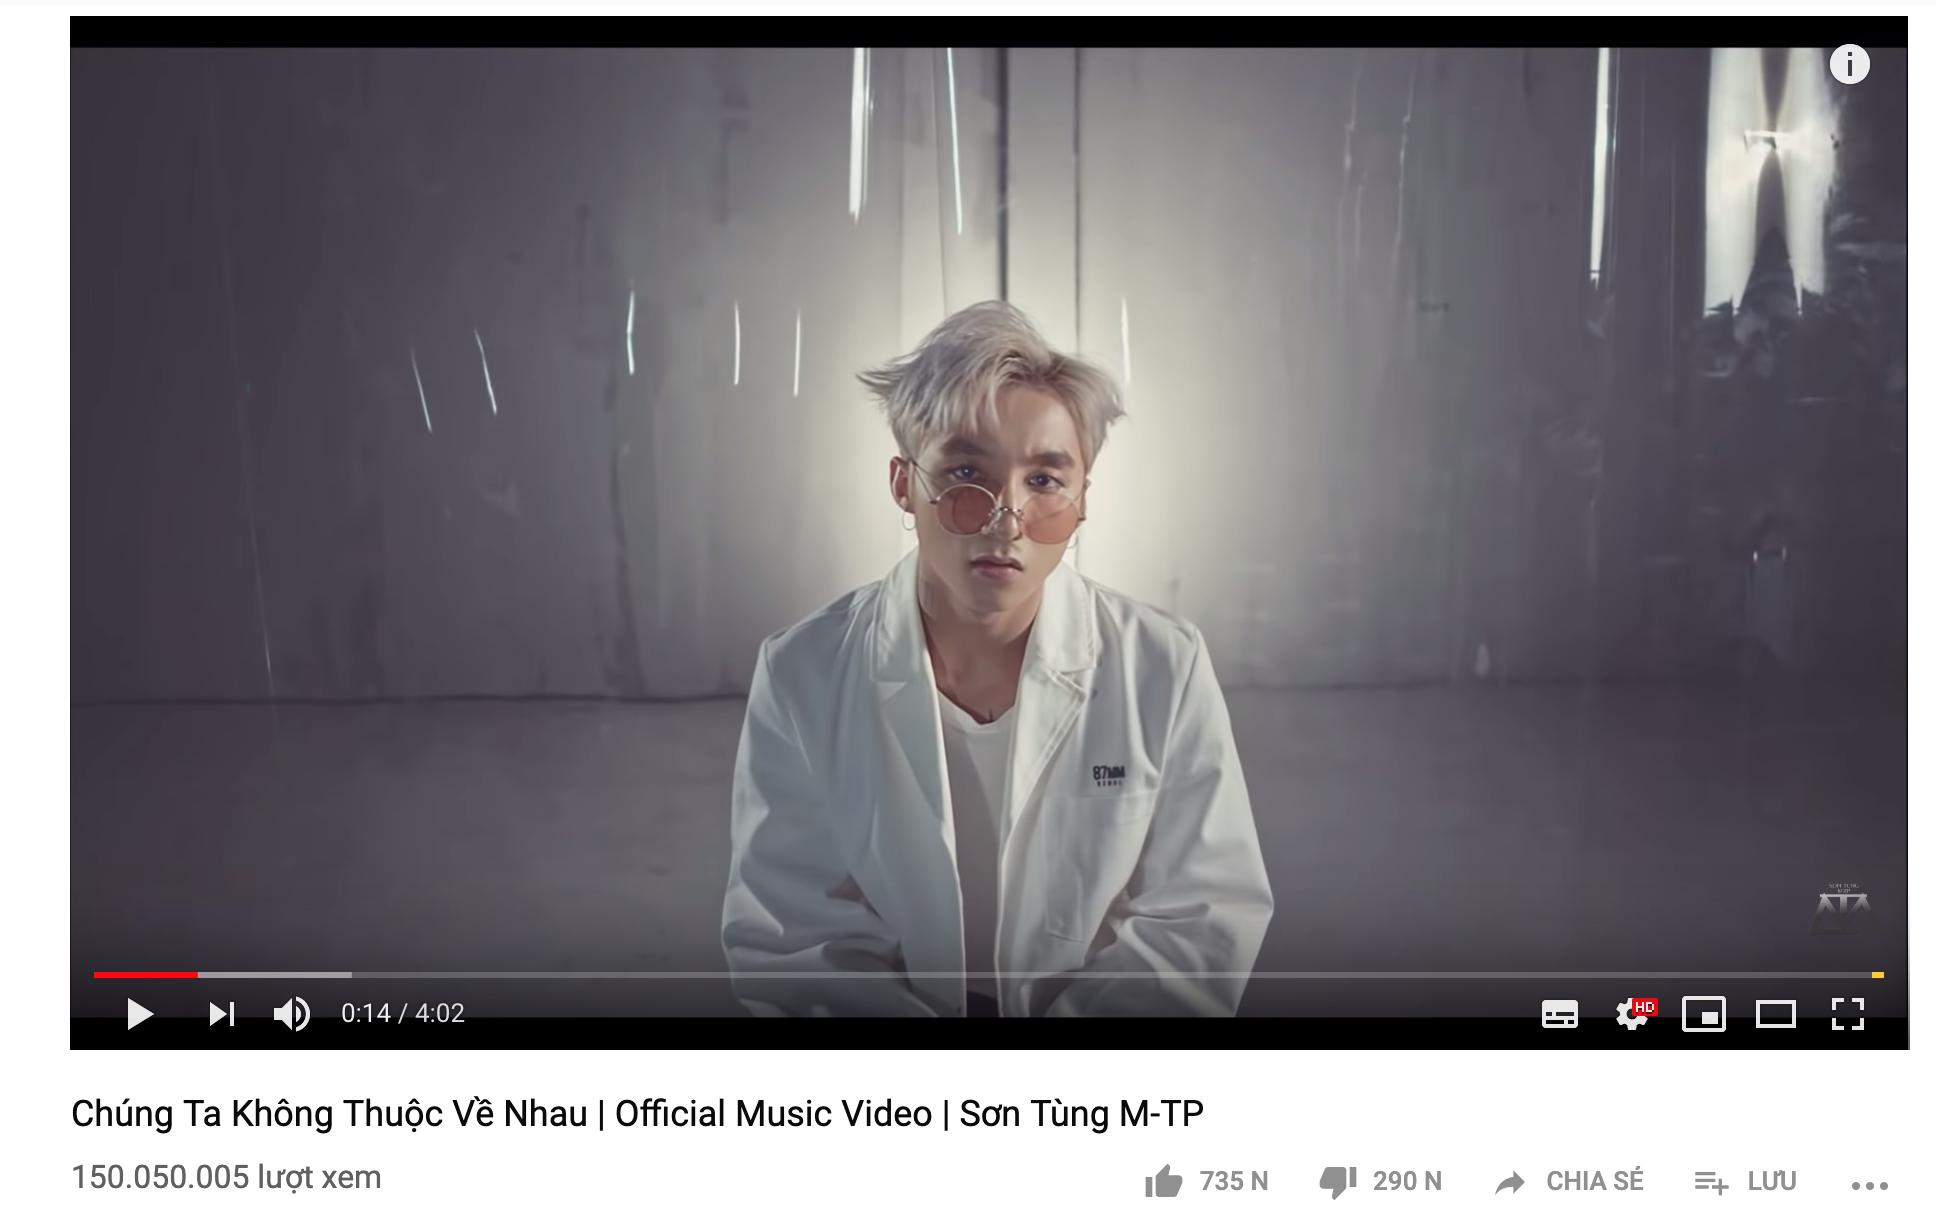 Tiếp tục có sản phẩm đạt 150 triệu view, đây là nghệ sĩ Vpop duy nhất sở hữu cùng lúc 3 MV cán mốc khủng thế này! - Ảnh 1.